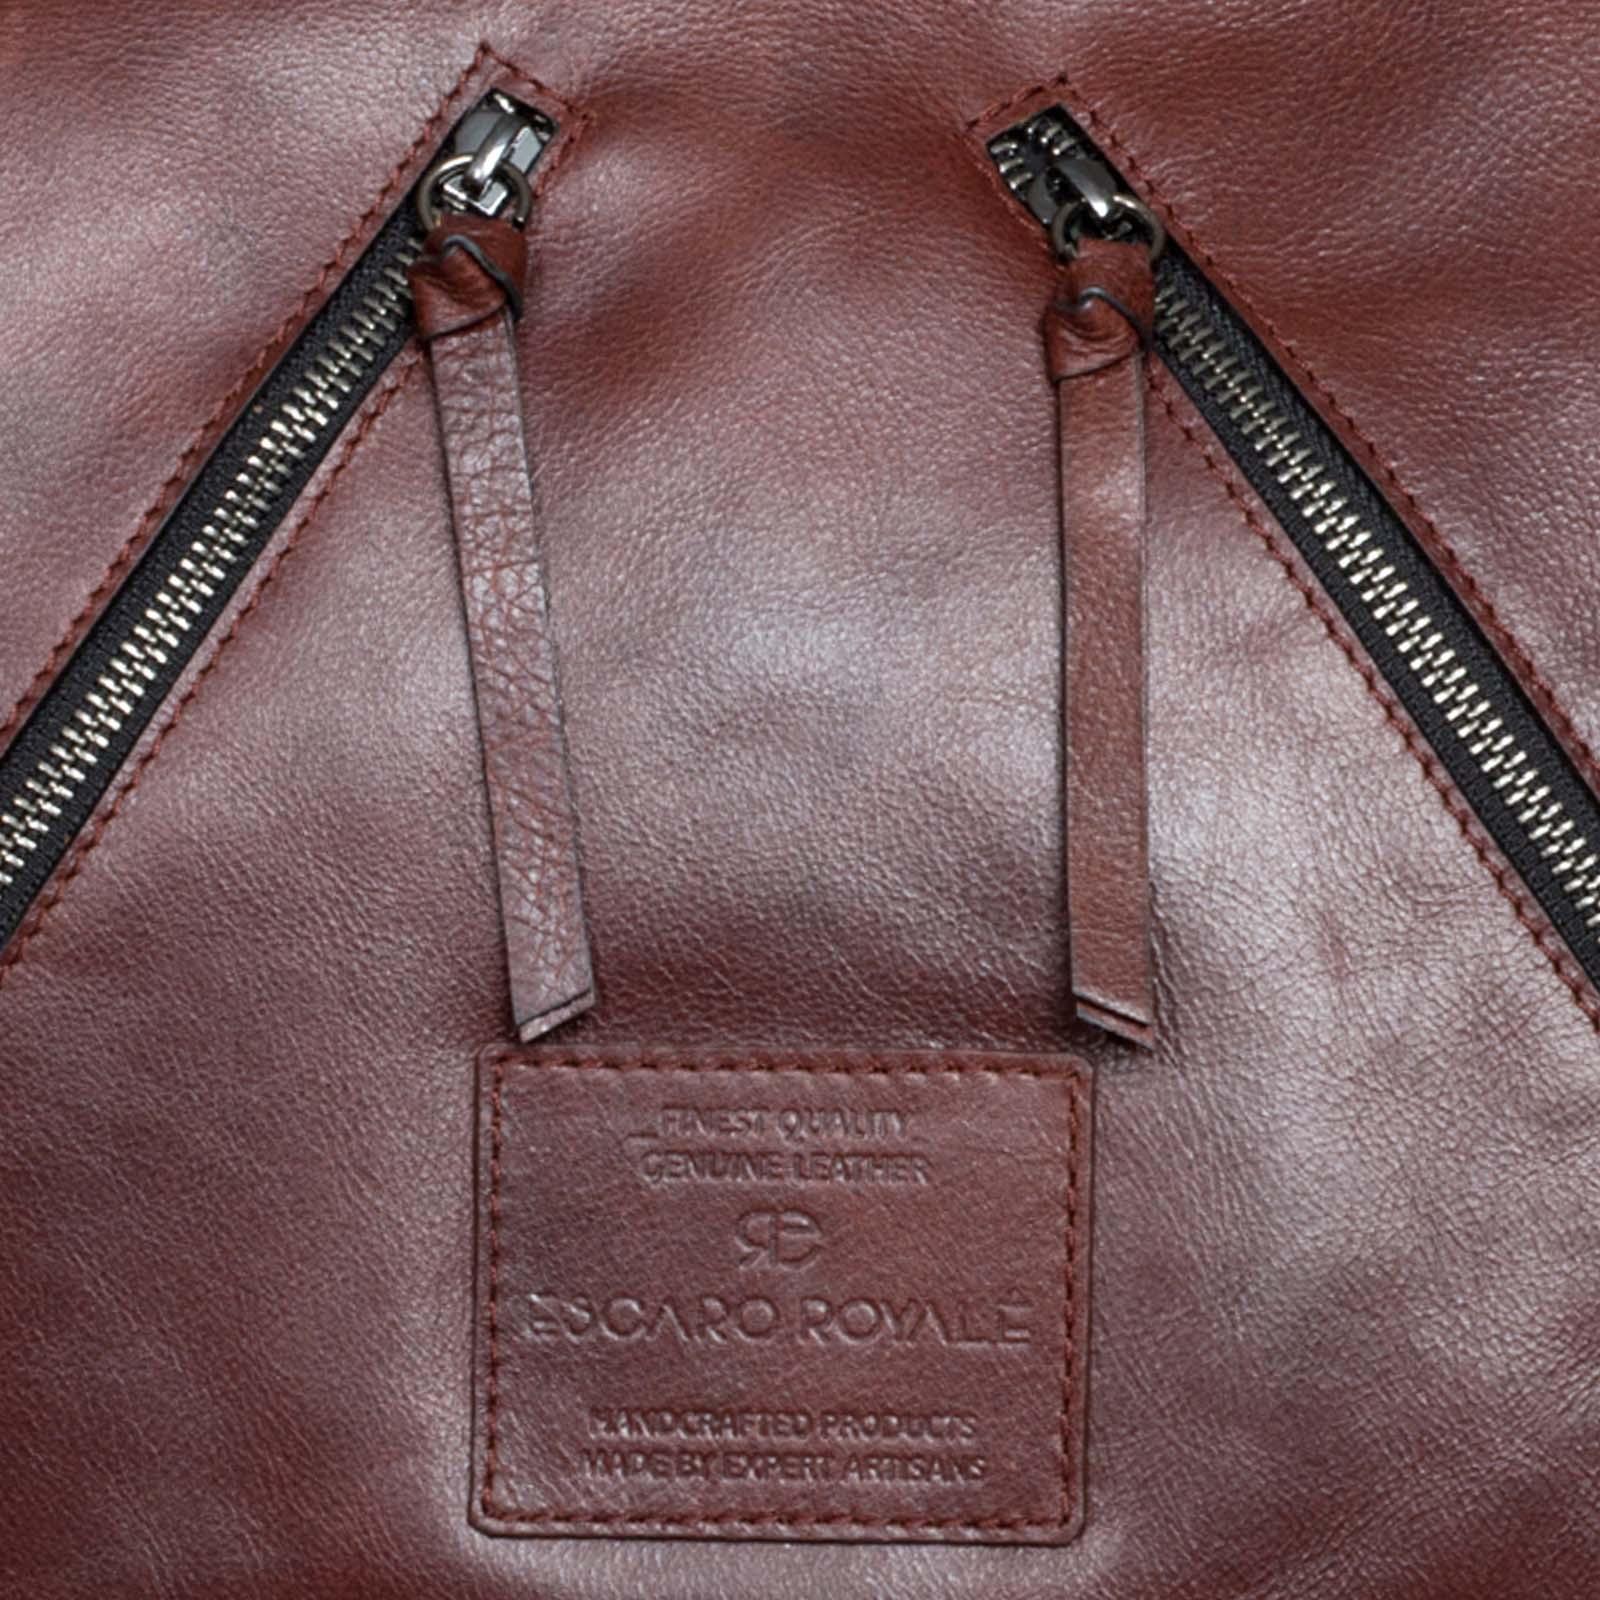 Soft Leather Sling Bag